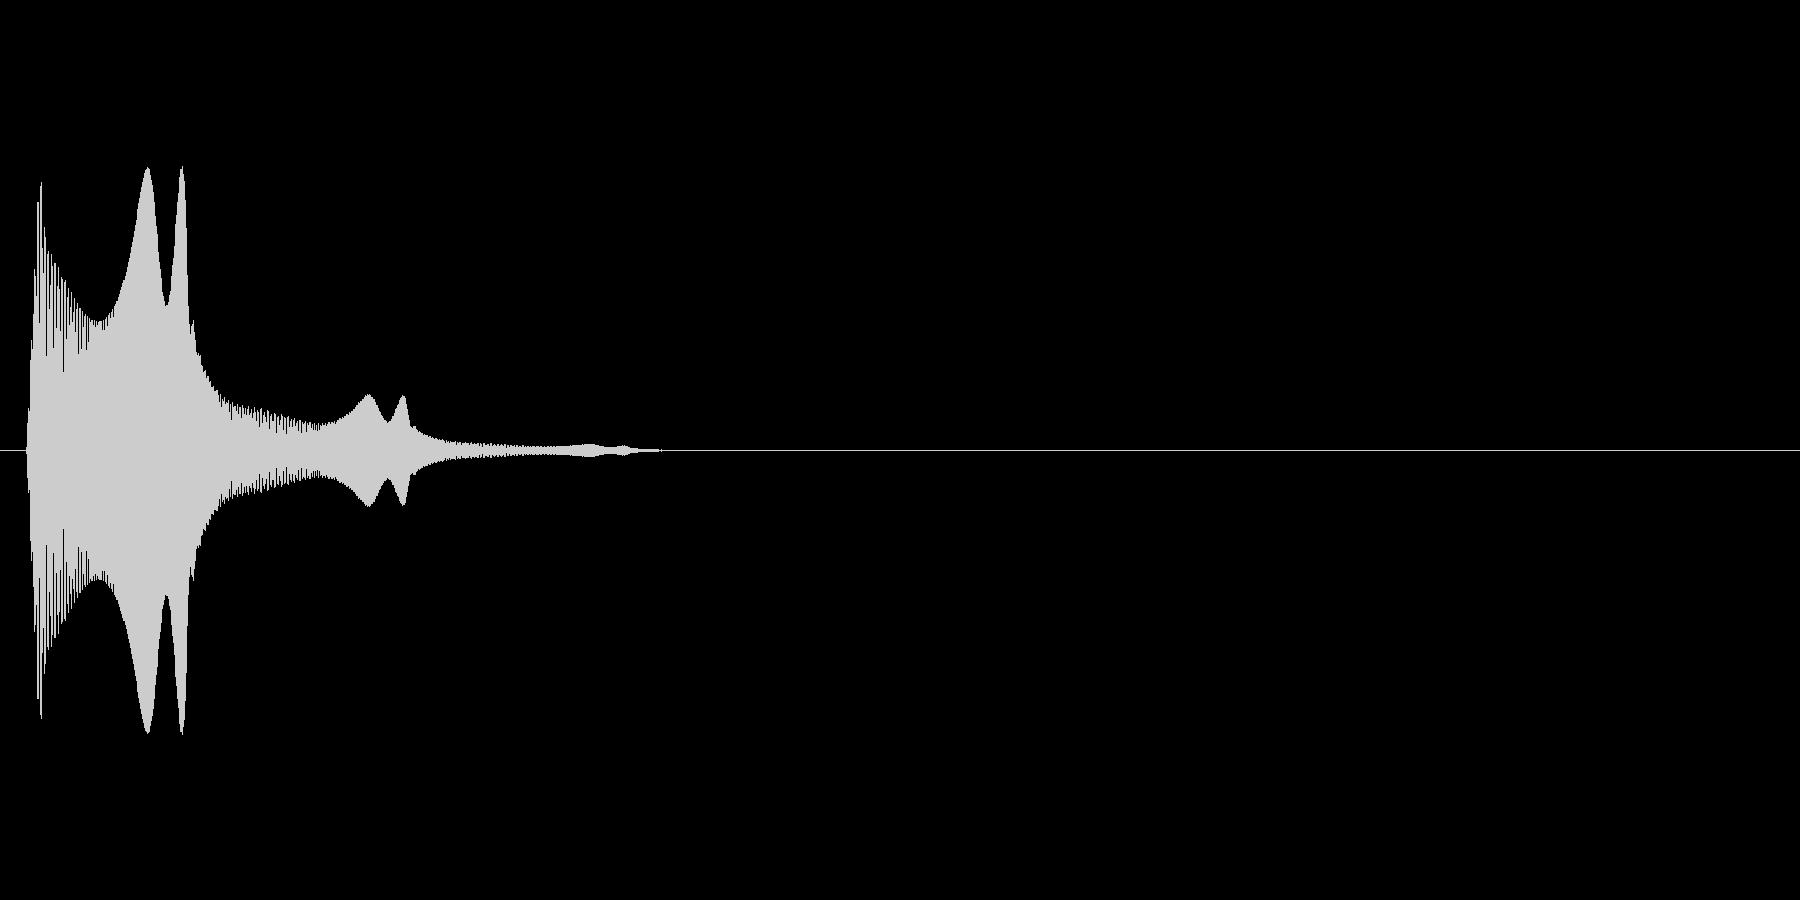 ぷにんっ(柔らか、触る、テンションUP)の未再生の波形